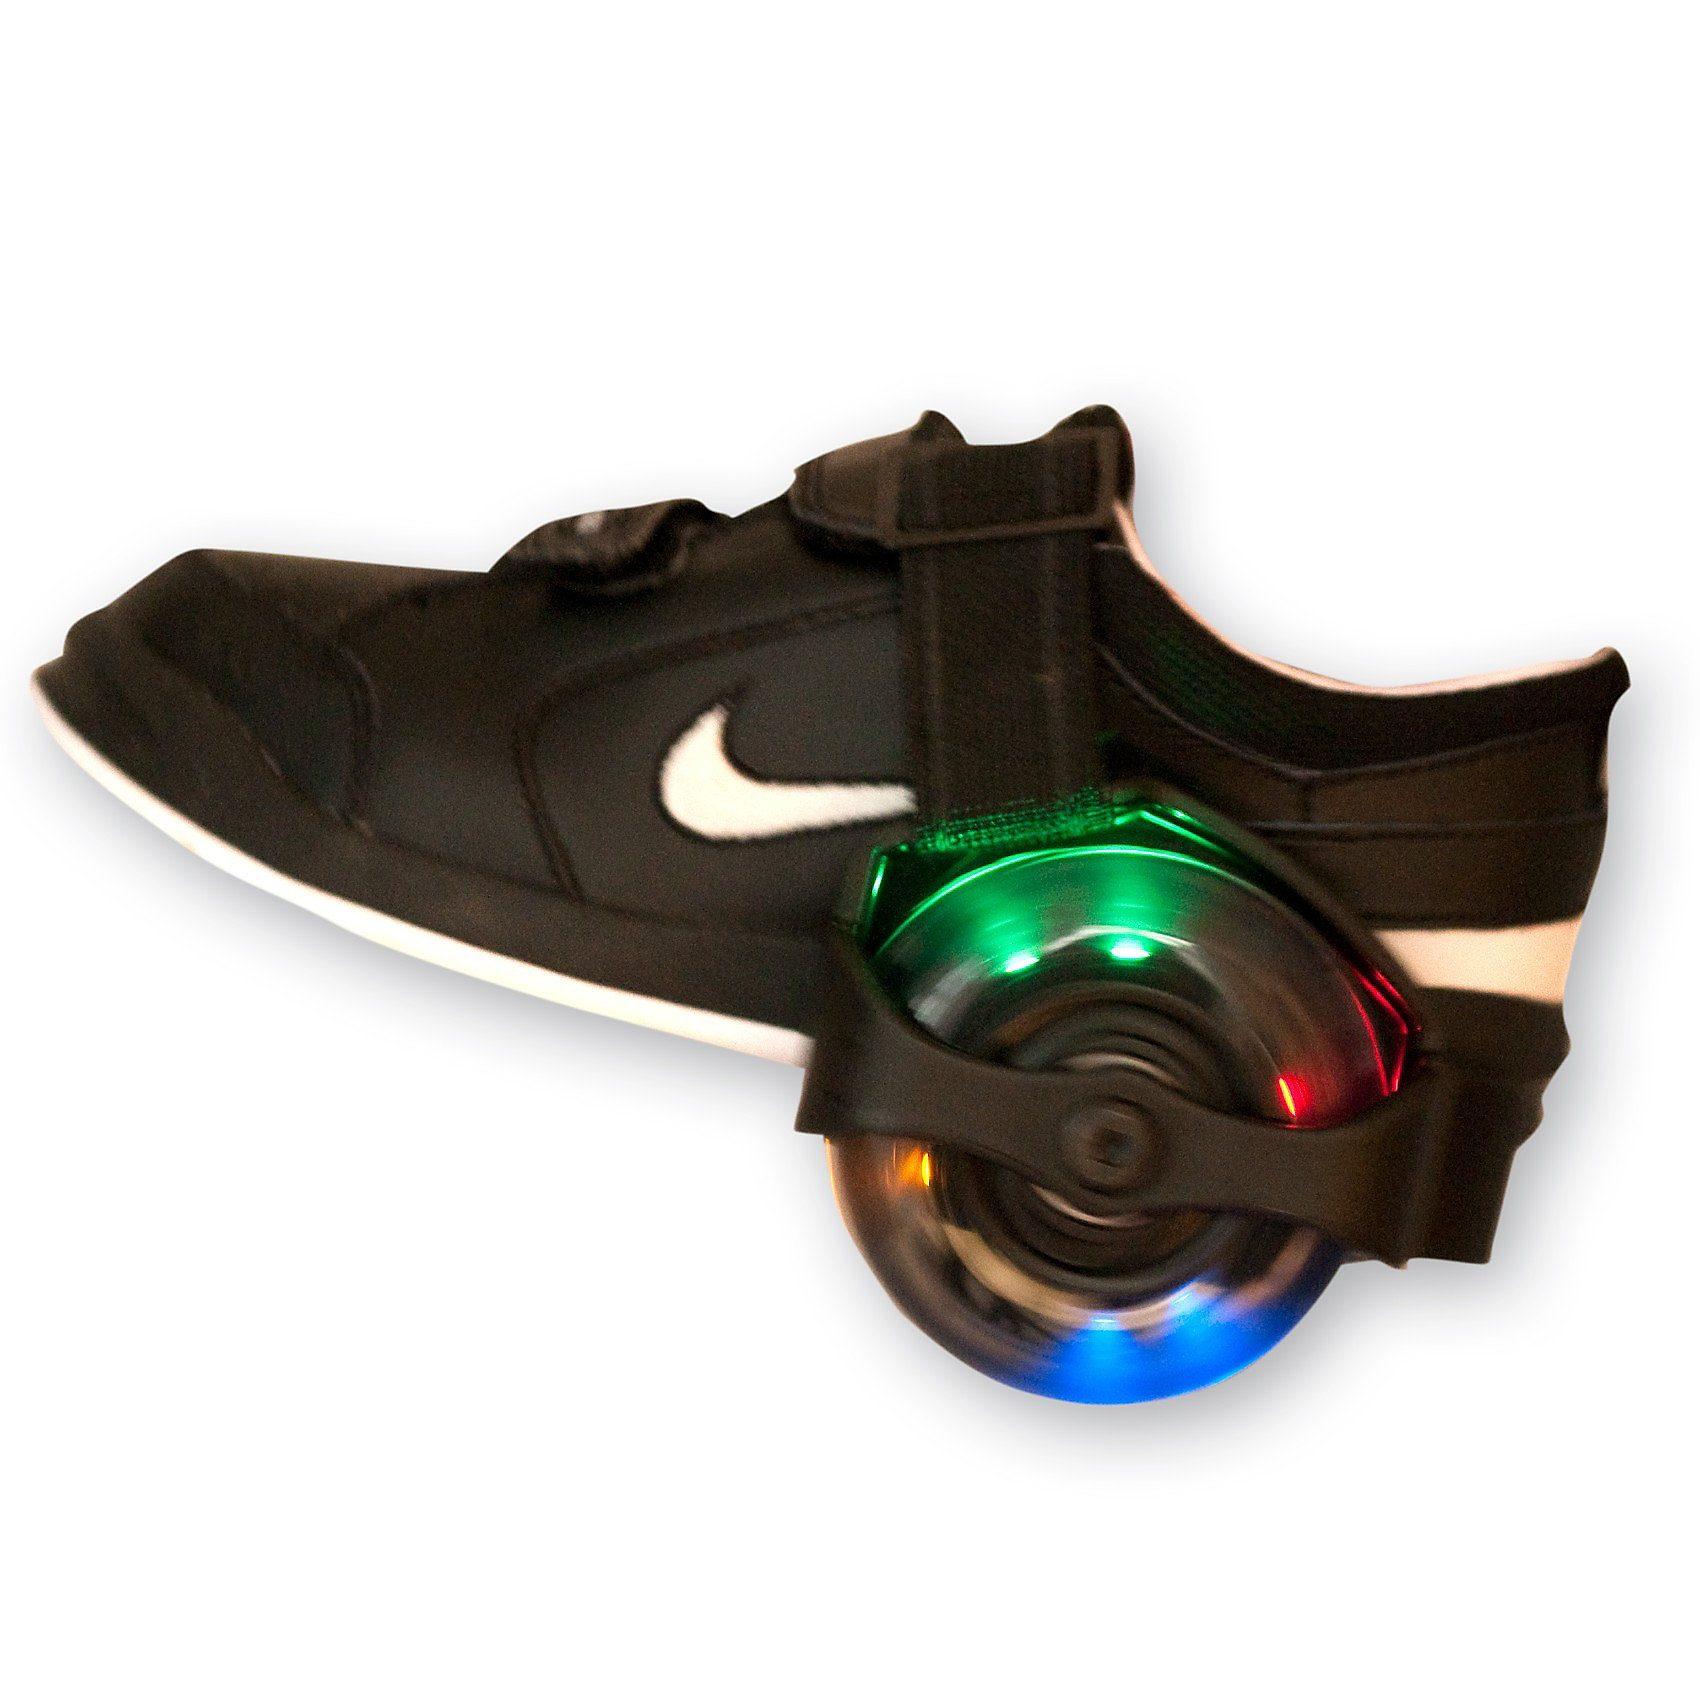 New Sports Fersenroller mit Licht, 60 kg